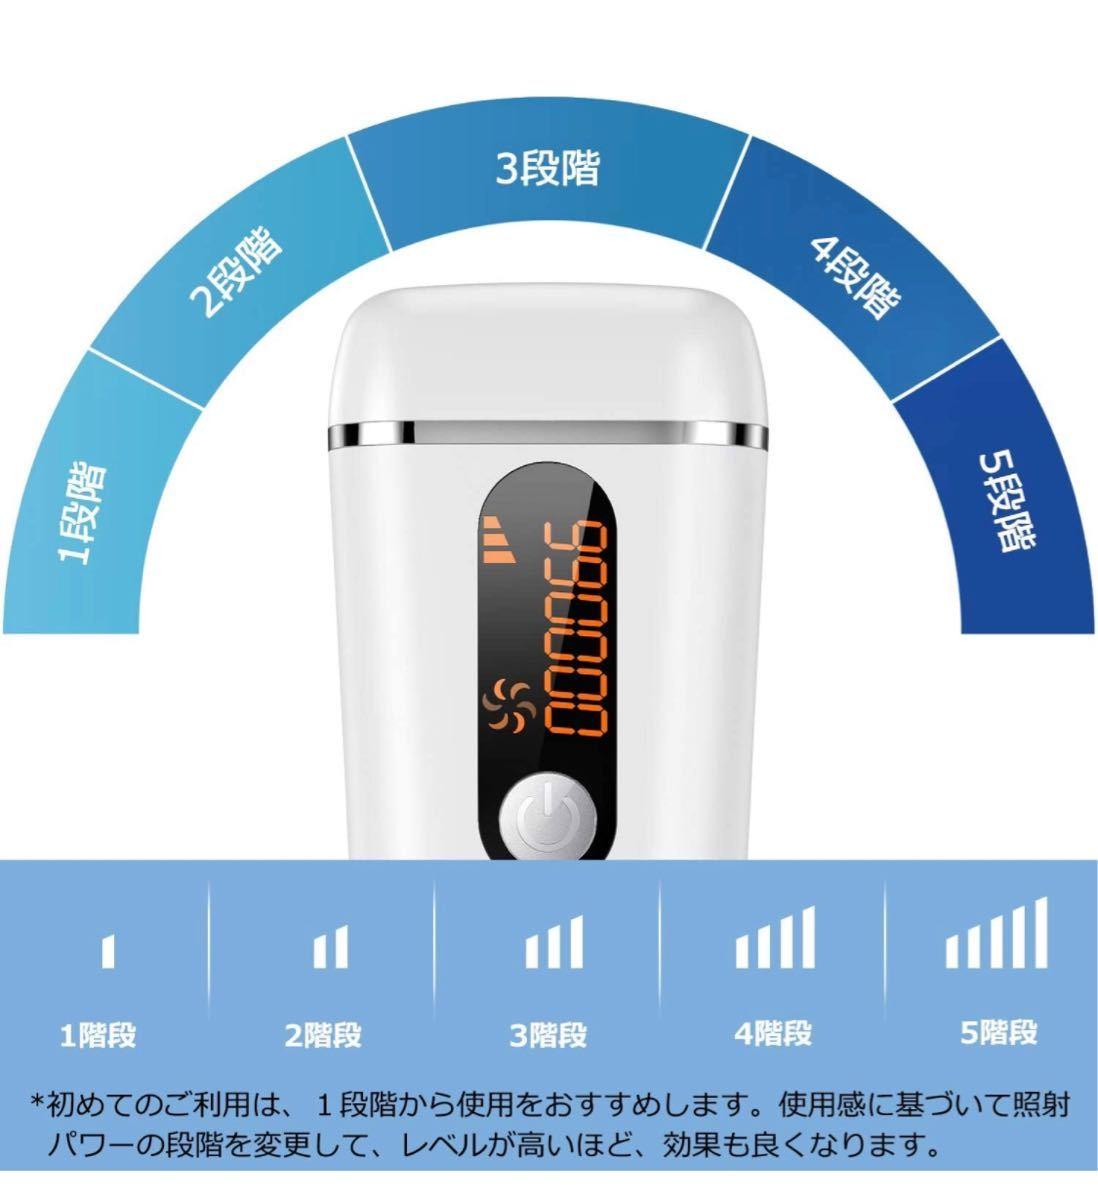 脱毛器 BESTOPE レーザー 光脱毛器 IPL技術 永久脱毛 家庭用脱毛器 99万回照射 光美容器 美機能付き